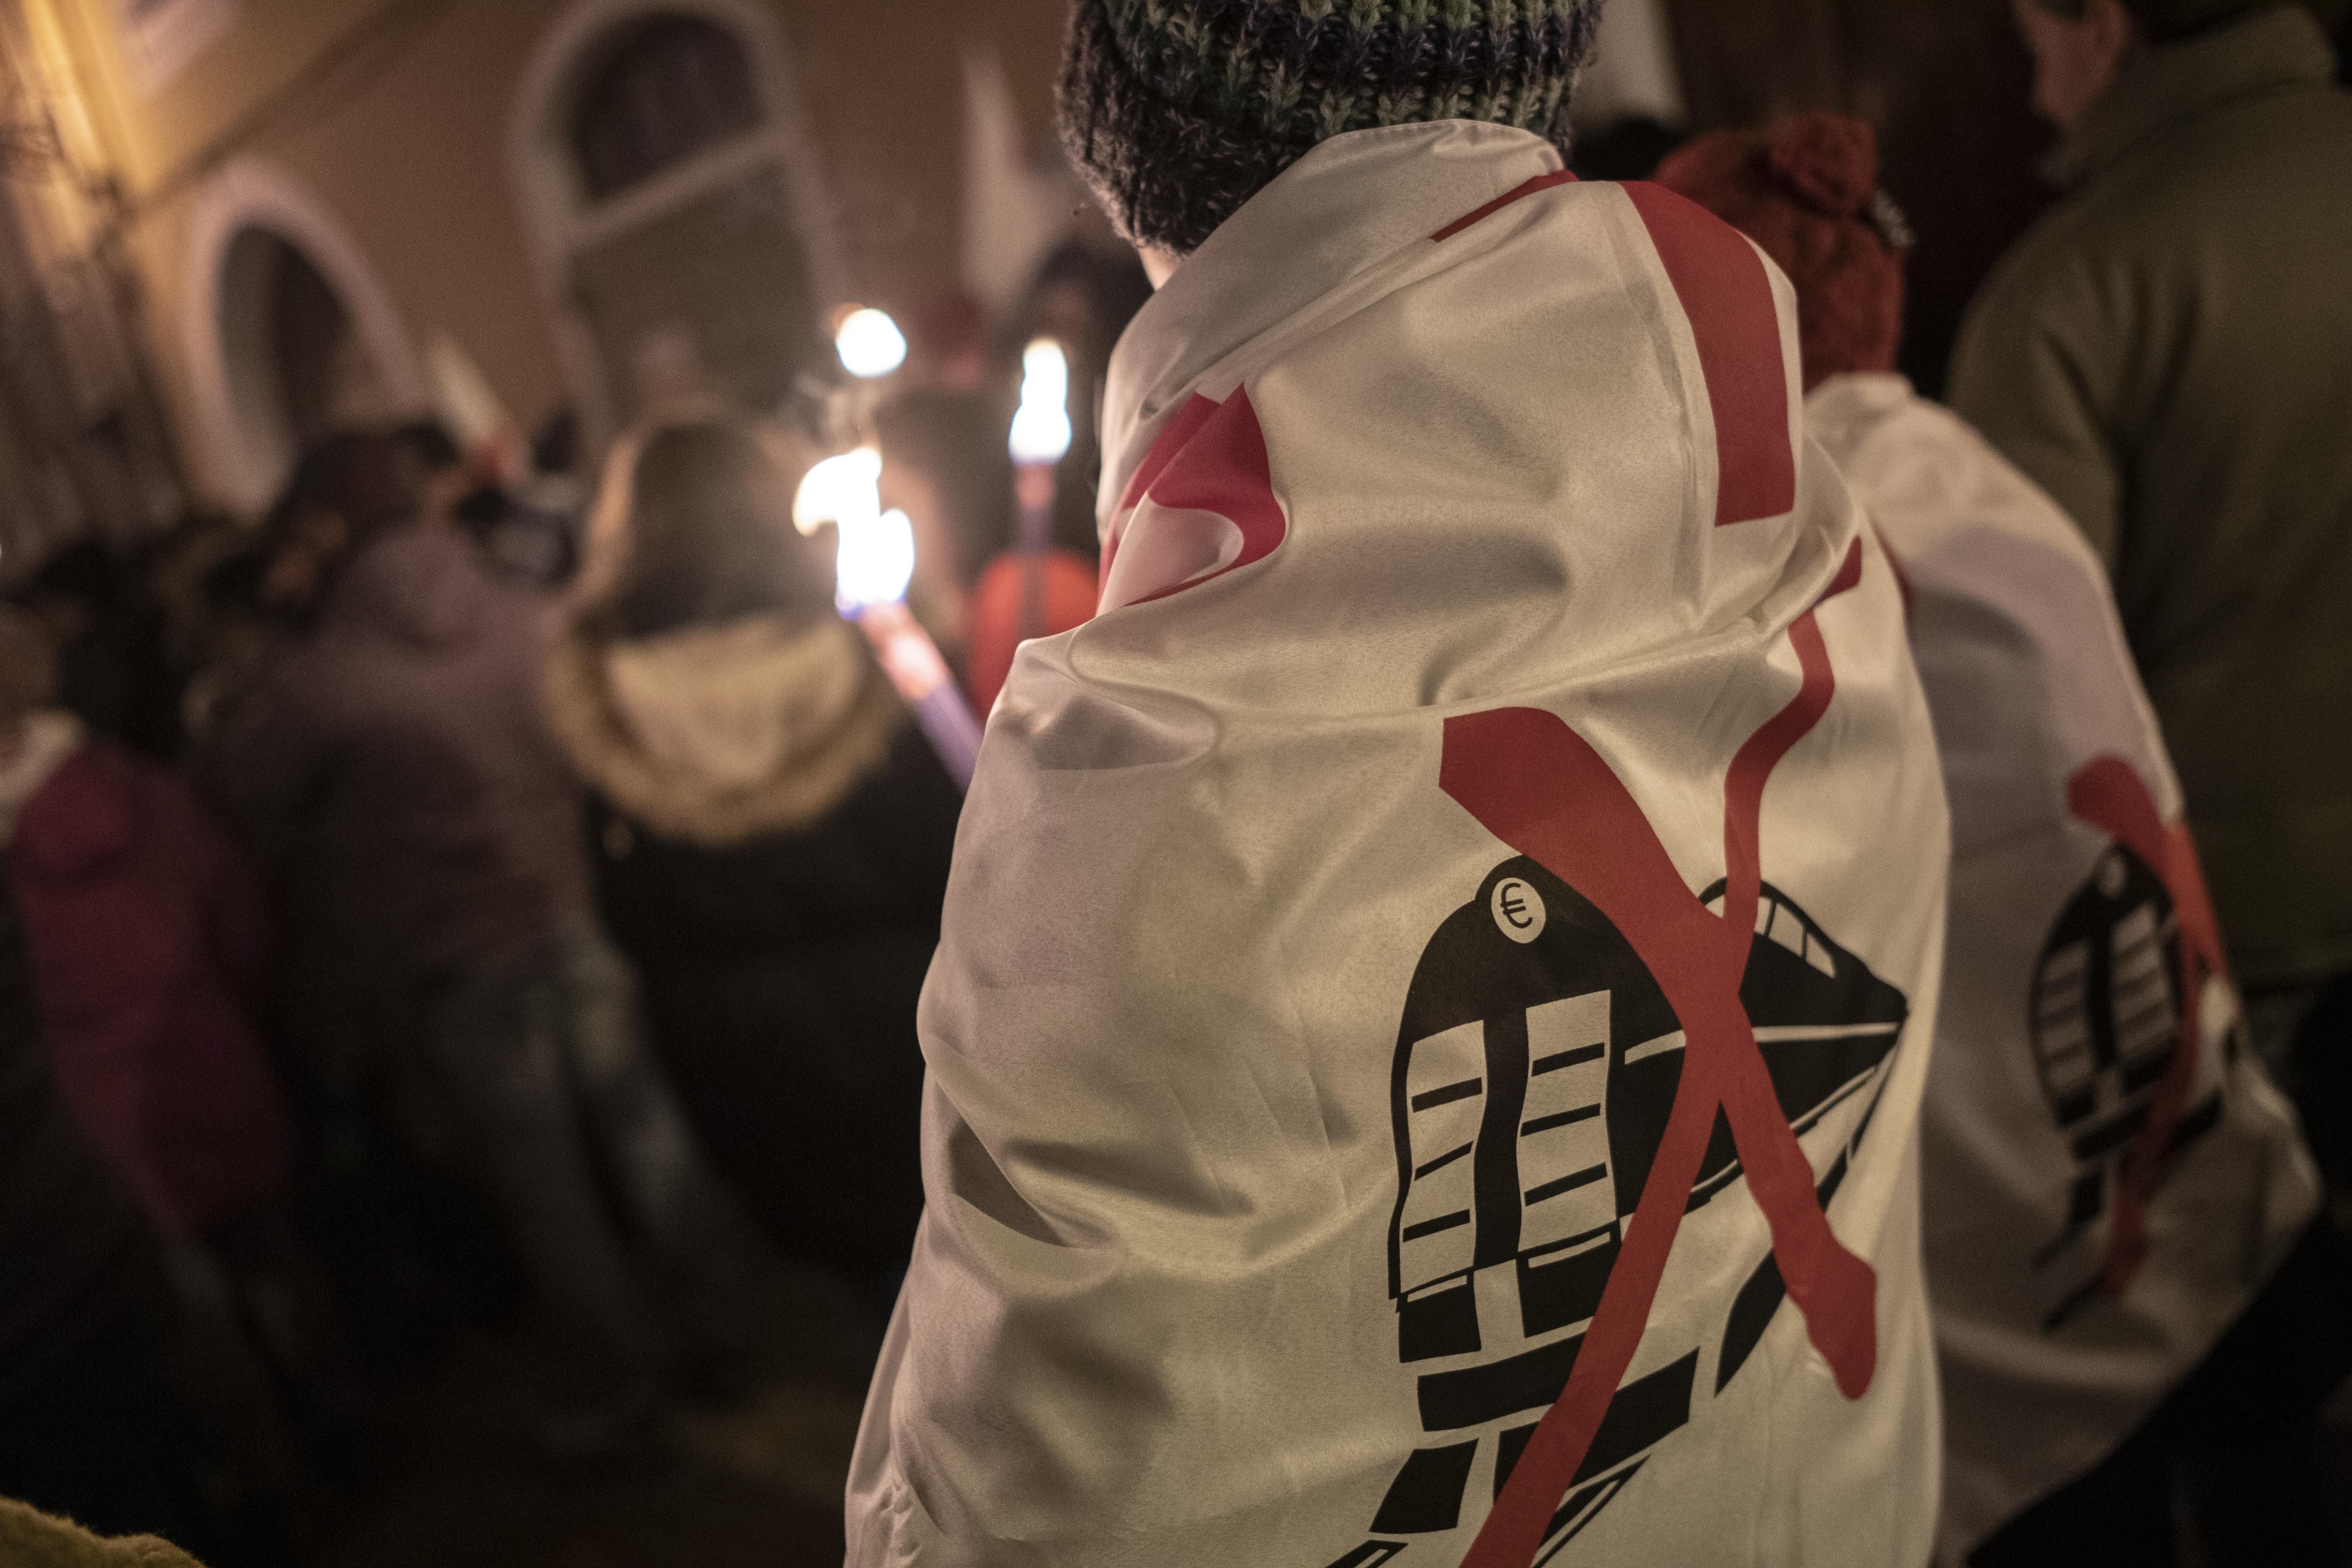 Foto Marco Alpozzi/LaPresse  01 Gennaio 2020 Bussoleno, Italia  Cronaca Il movimento NoTav a Bussoleno scende in piazza per una fiaccolata di solidarietà per Nicoletta Dosio, l'attivista di 73 anni portata in carcere il 30 Dicembre  Nella foto:  un momento del corteo  Photo Marco Alpozzi/LaPresse  Jenuary 01, 2020 Bussoleno, Italy  News The NoTav movement in Bussoleno solidarity torchlight procession for Nicoletta Dosio, the 73-year-old activist taken to prison on 30 December In the pic: NoTac activist during torchlight procession